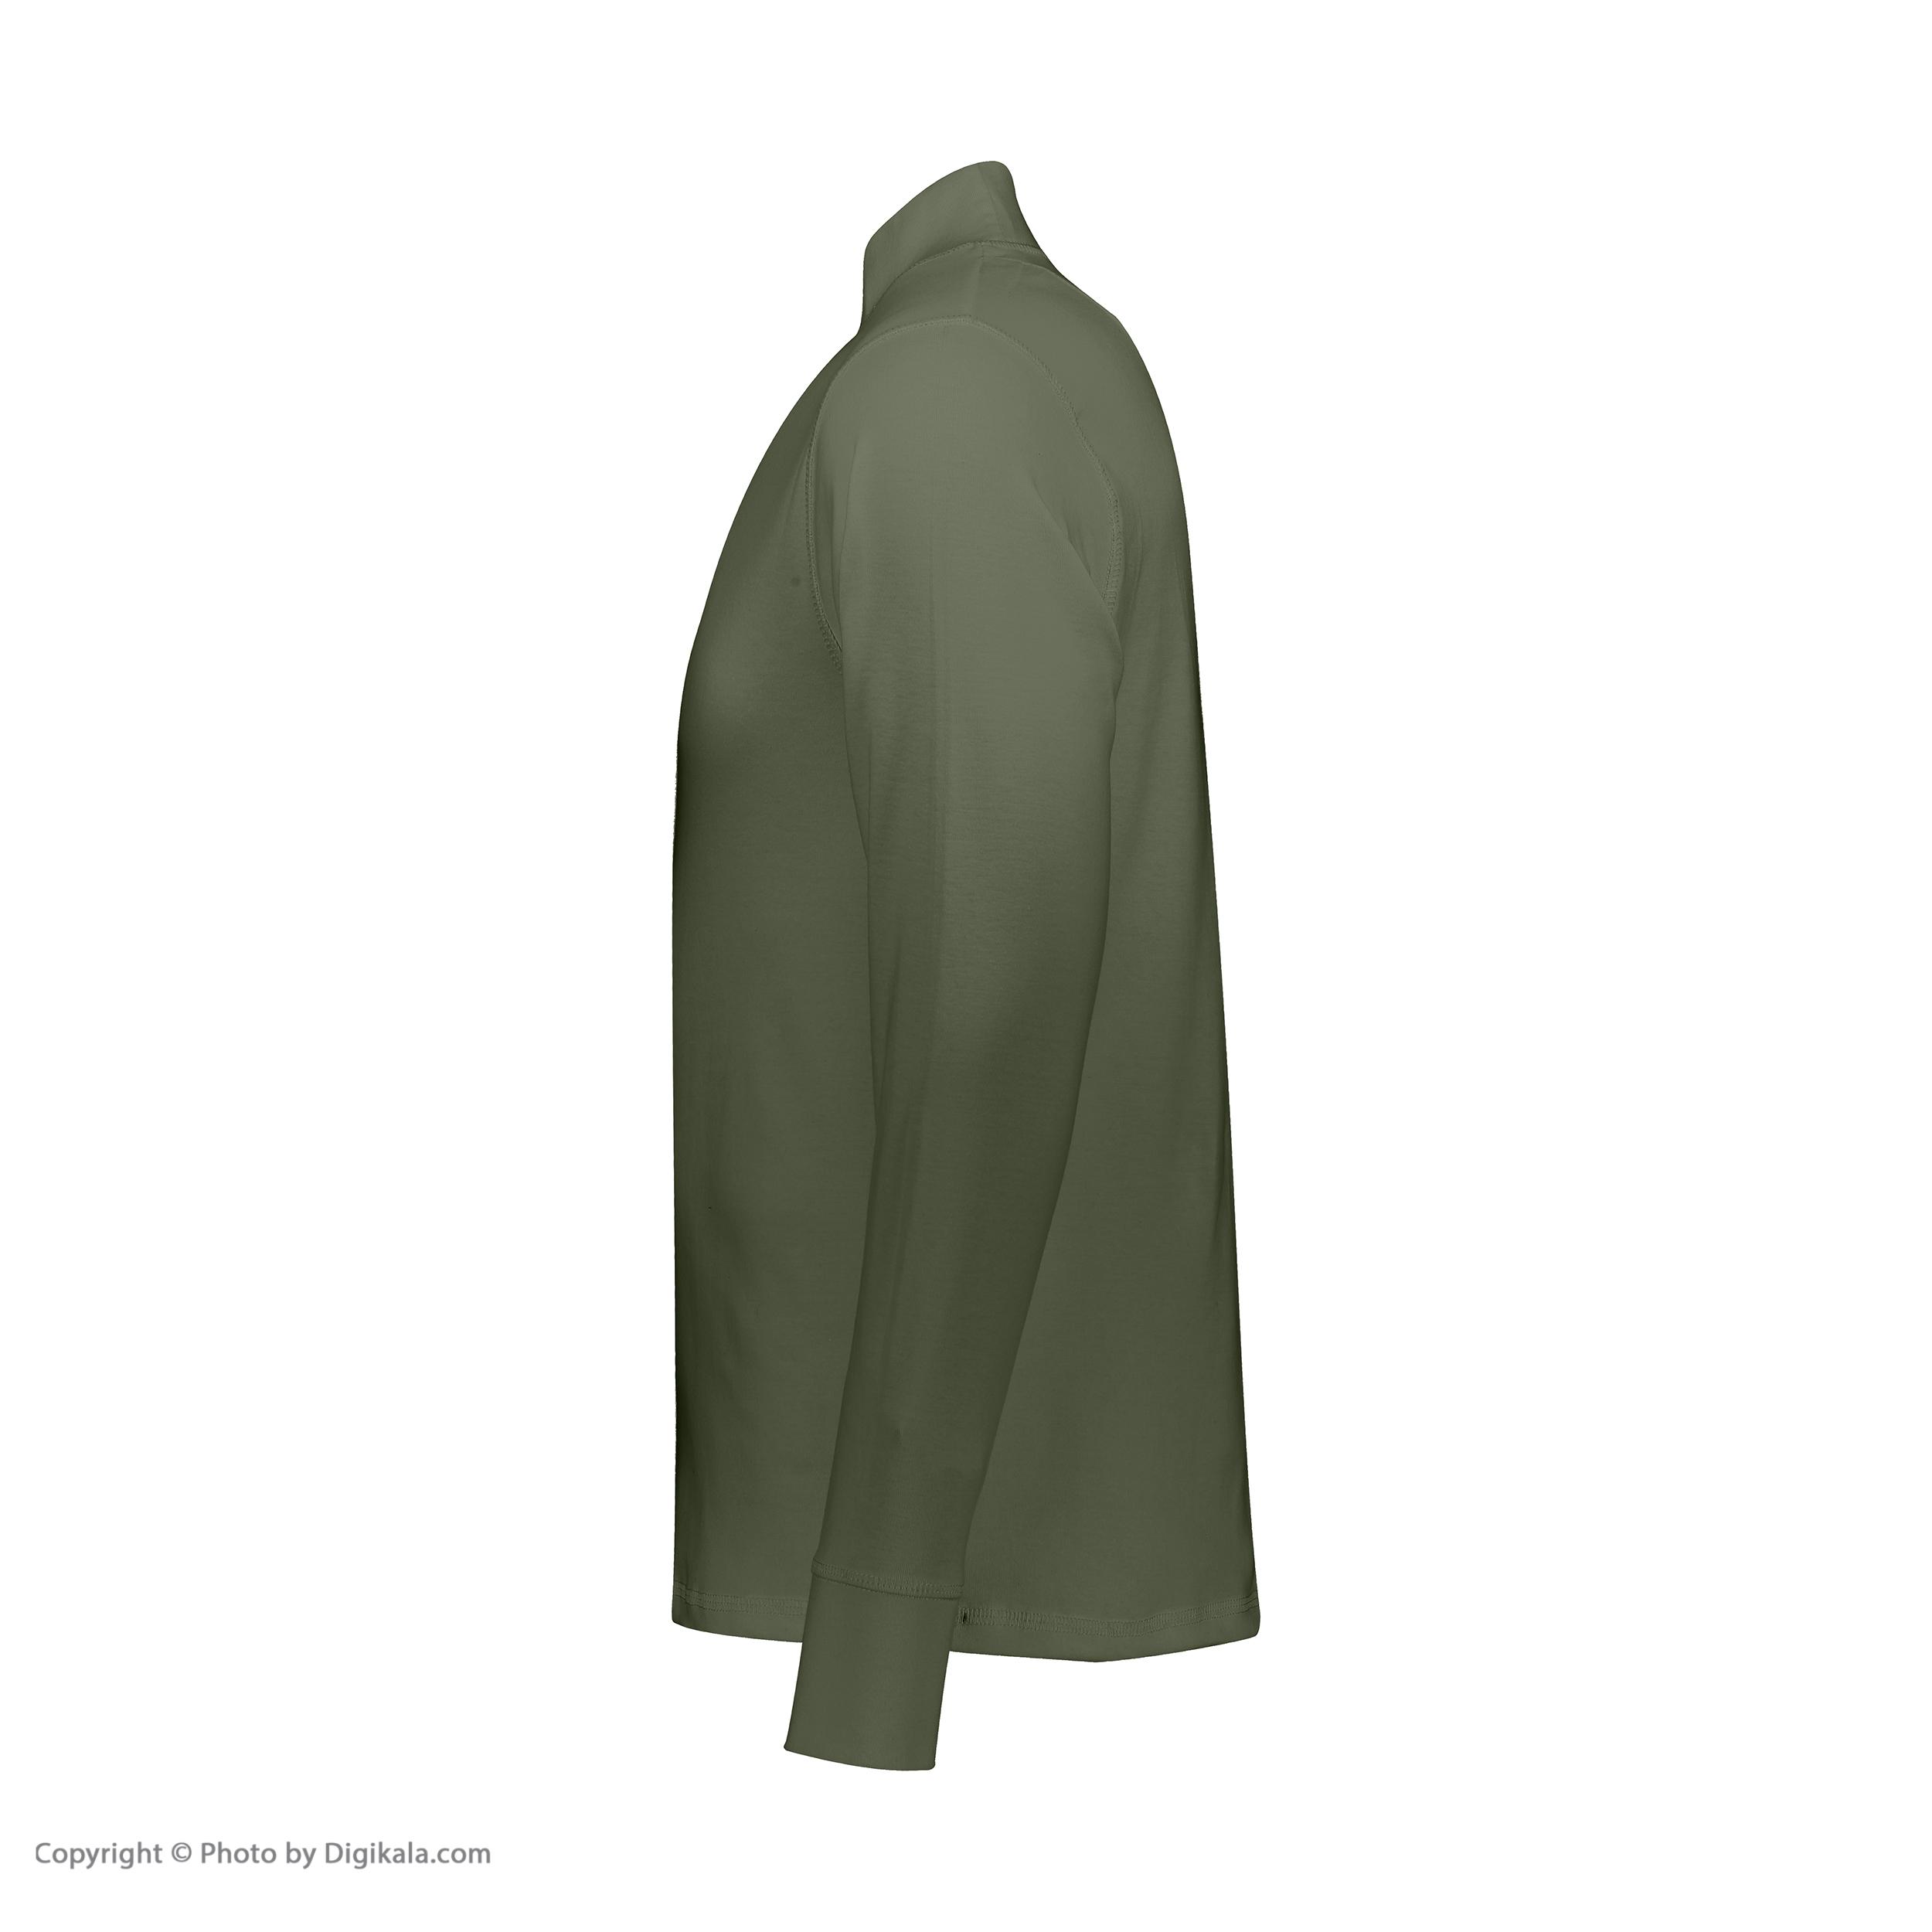 تیشرت آستین بلند مردانه رونی مدل 31110003-23